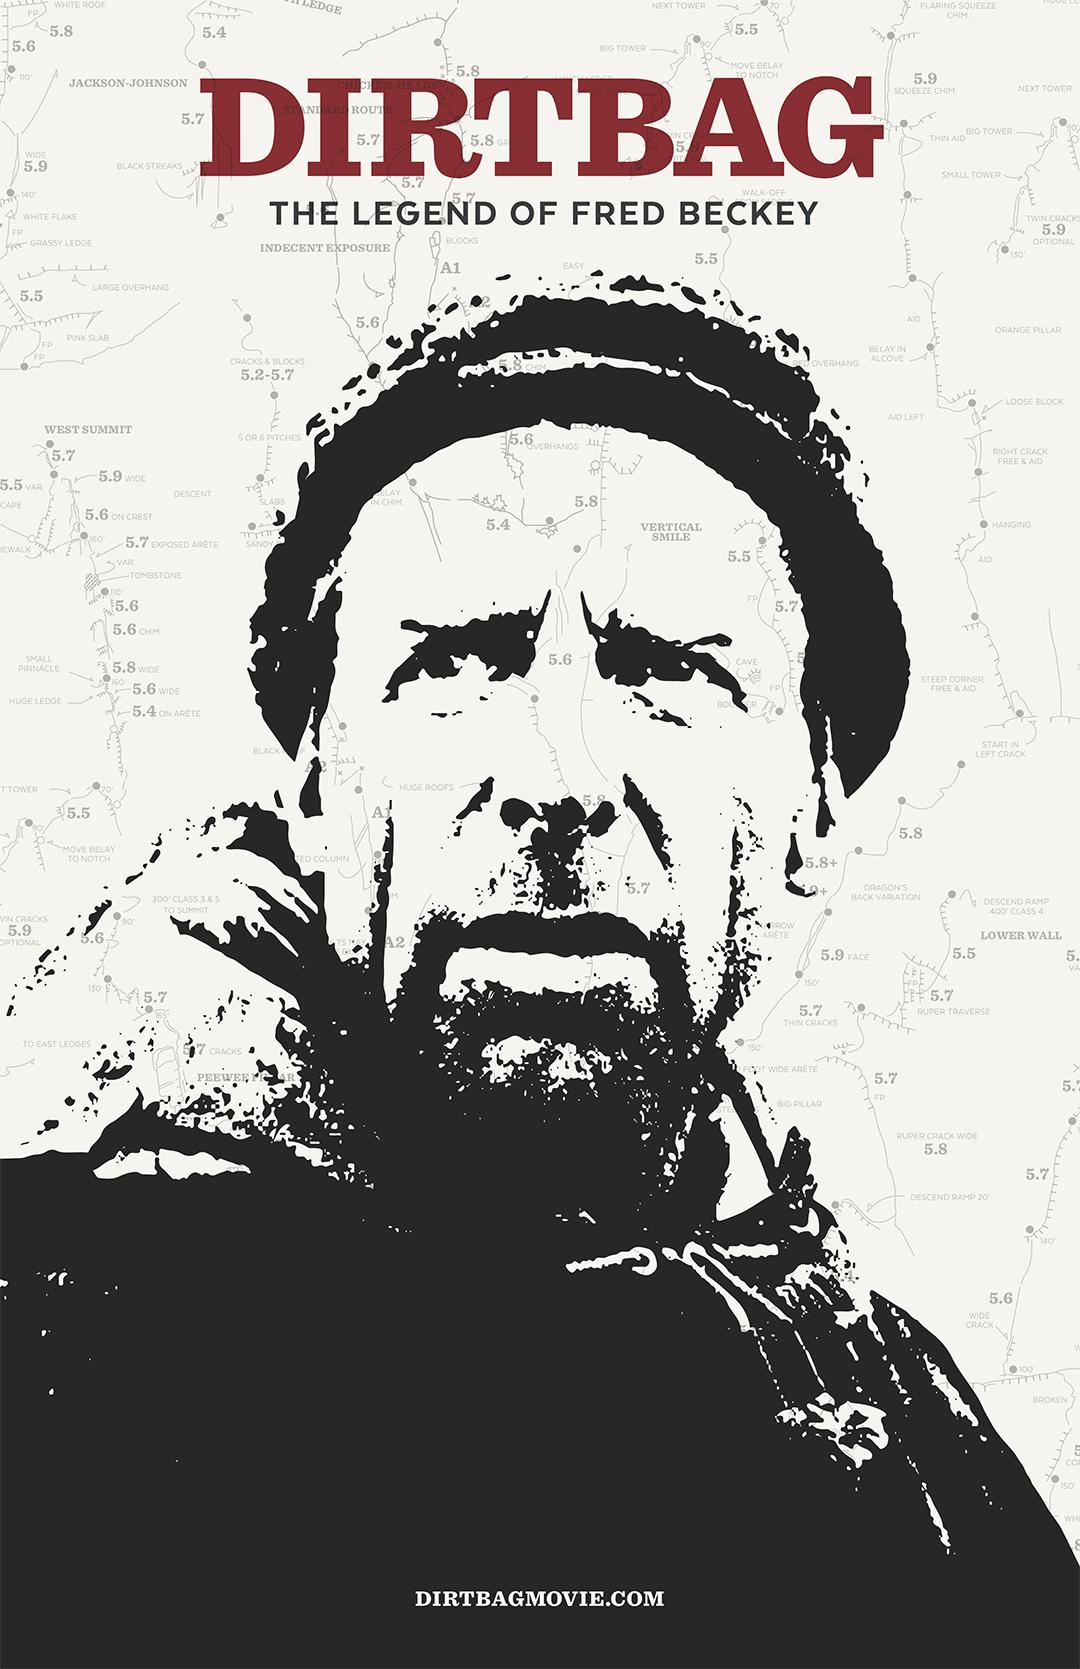 DIRTBAG-Movie-Poster_design-JonGarn_photo-JimStuart_web.jpg